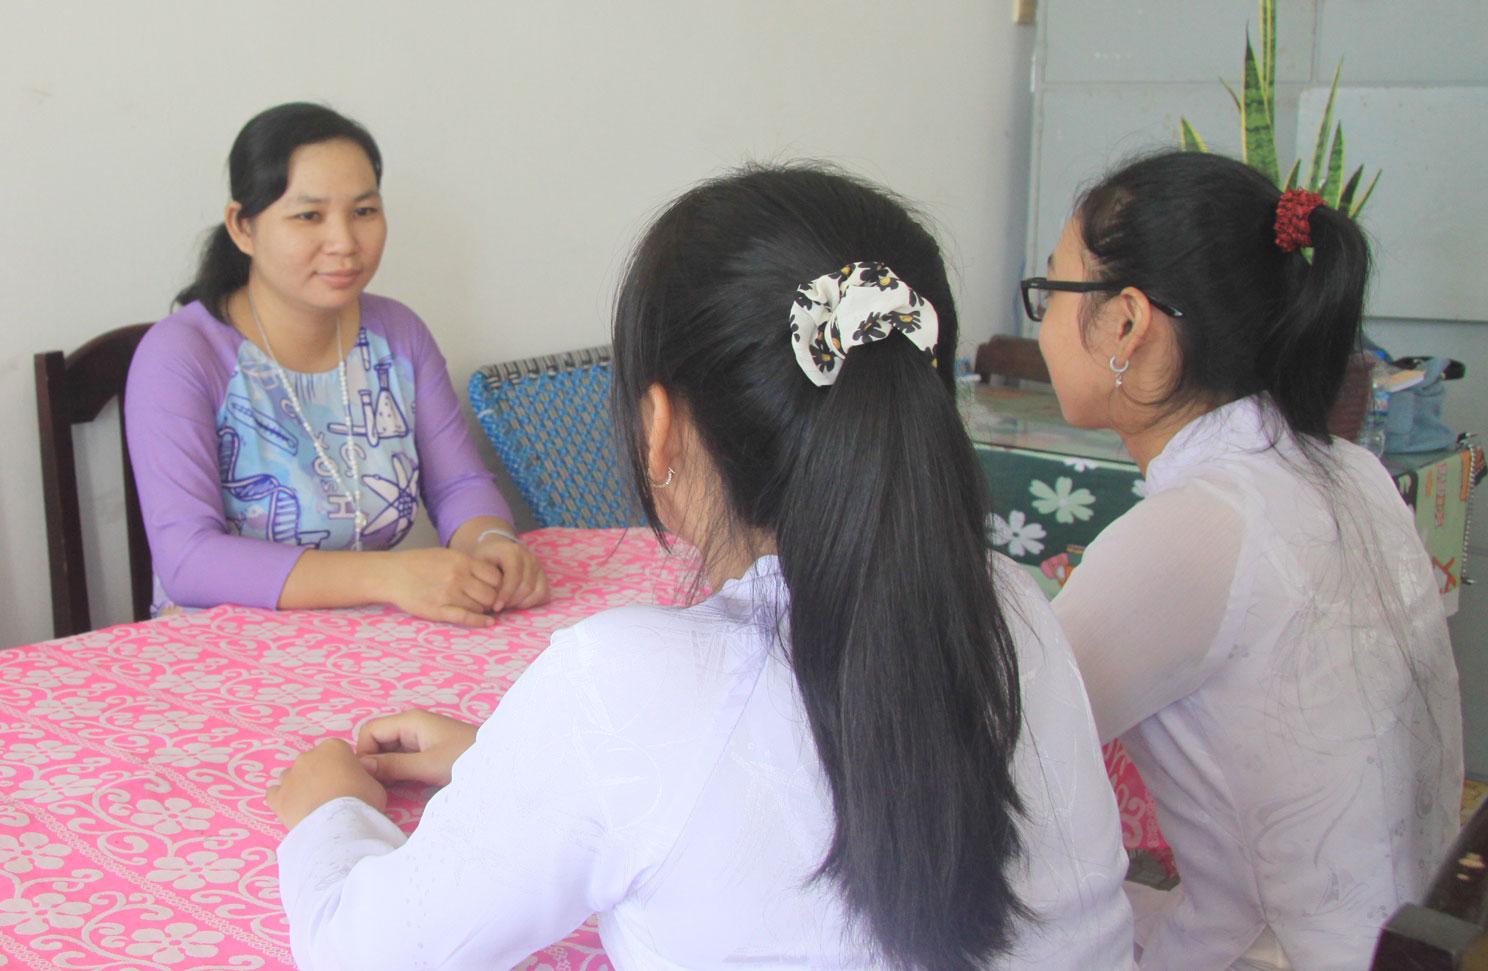 Các trường thành lập Ban tư vấn tâm lý học đường để giải đáp những thắc mắc cho học sinh